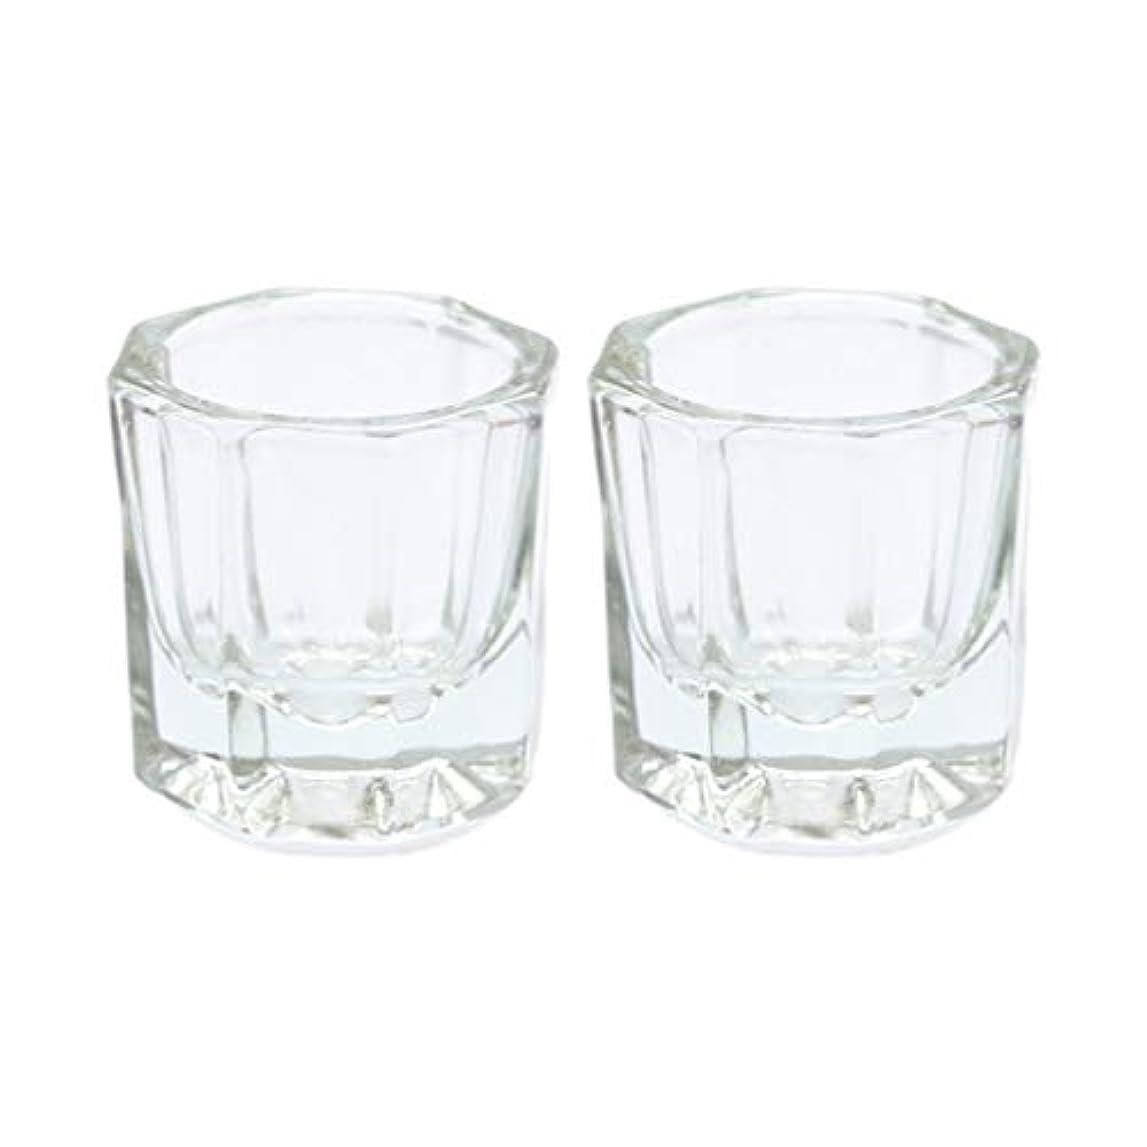 定数マーティンルーサーキングジュニア緩やかなLurrose 2ピースガラスクリスタルダッペン皿ネイルアートアクリル液体粉末ダッペン皿ネイルアートツール